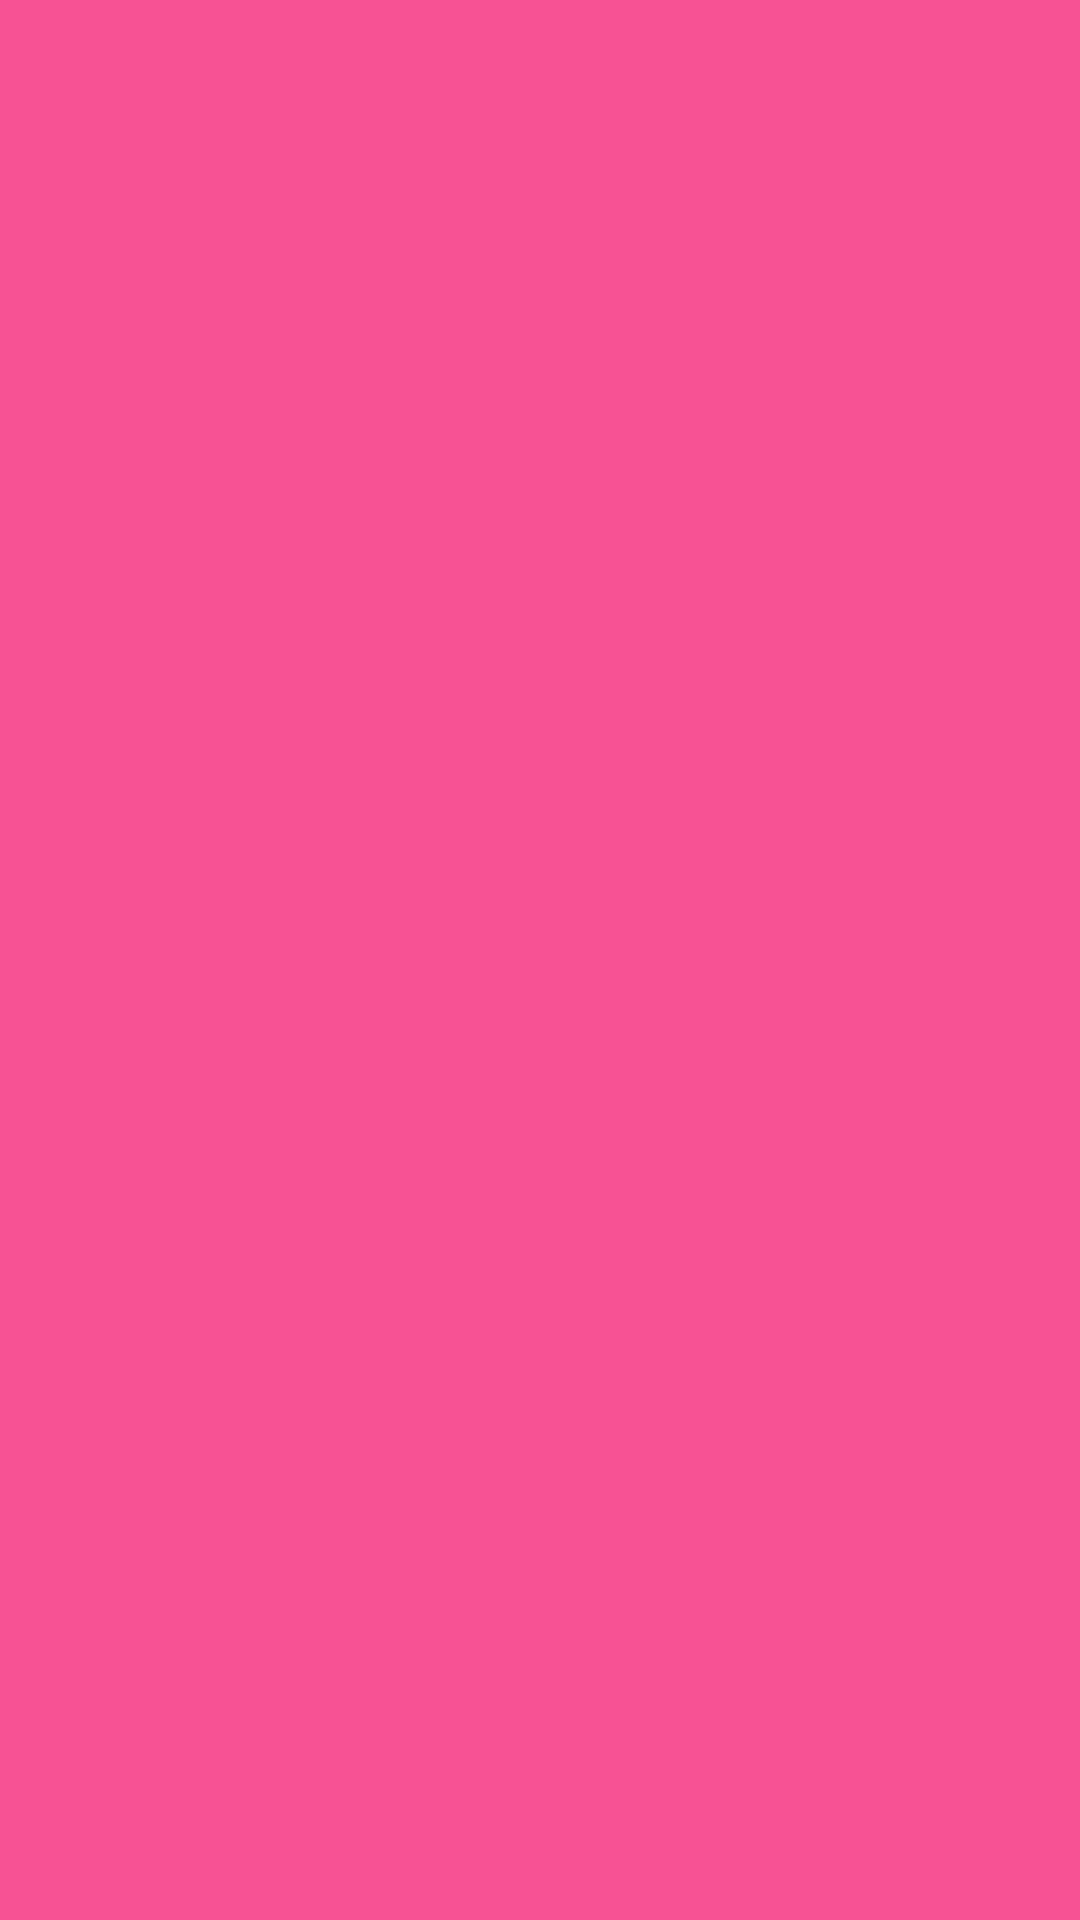 1080x1920 Violet-red Solid Color Background